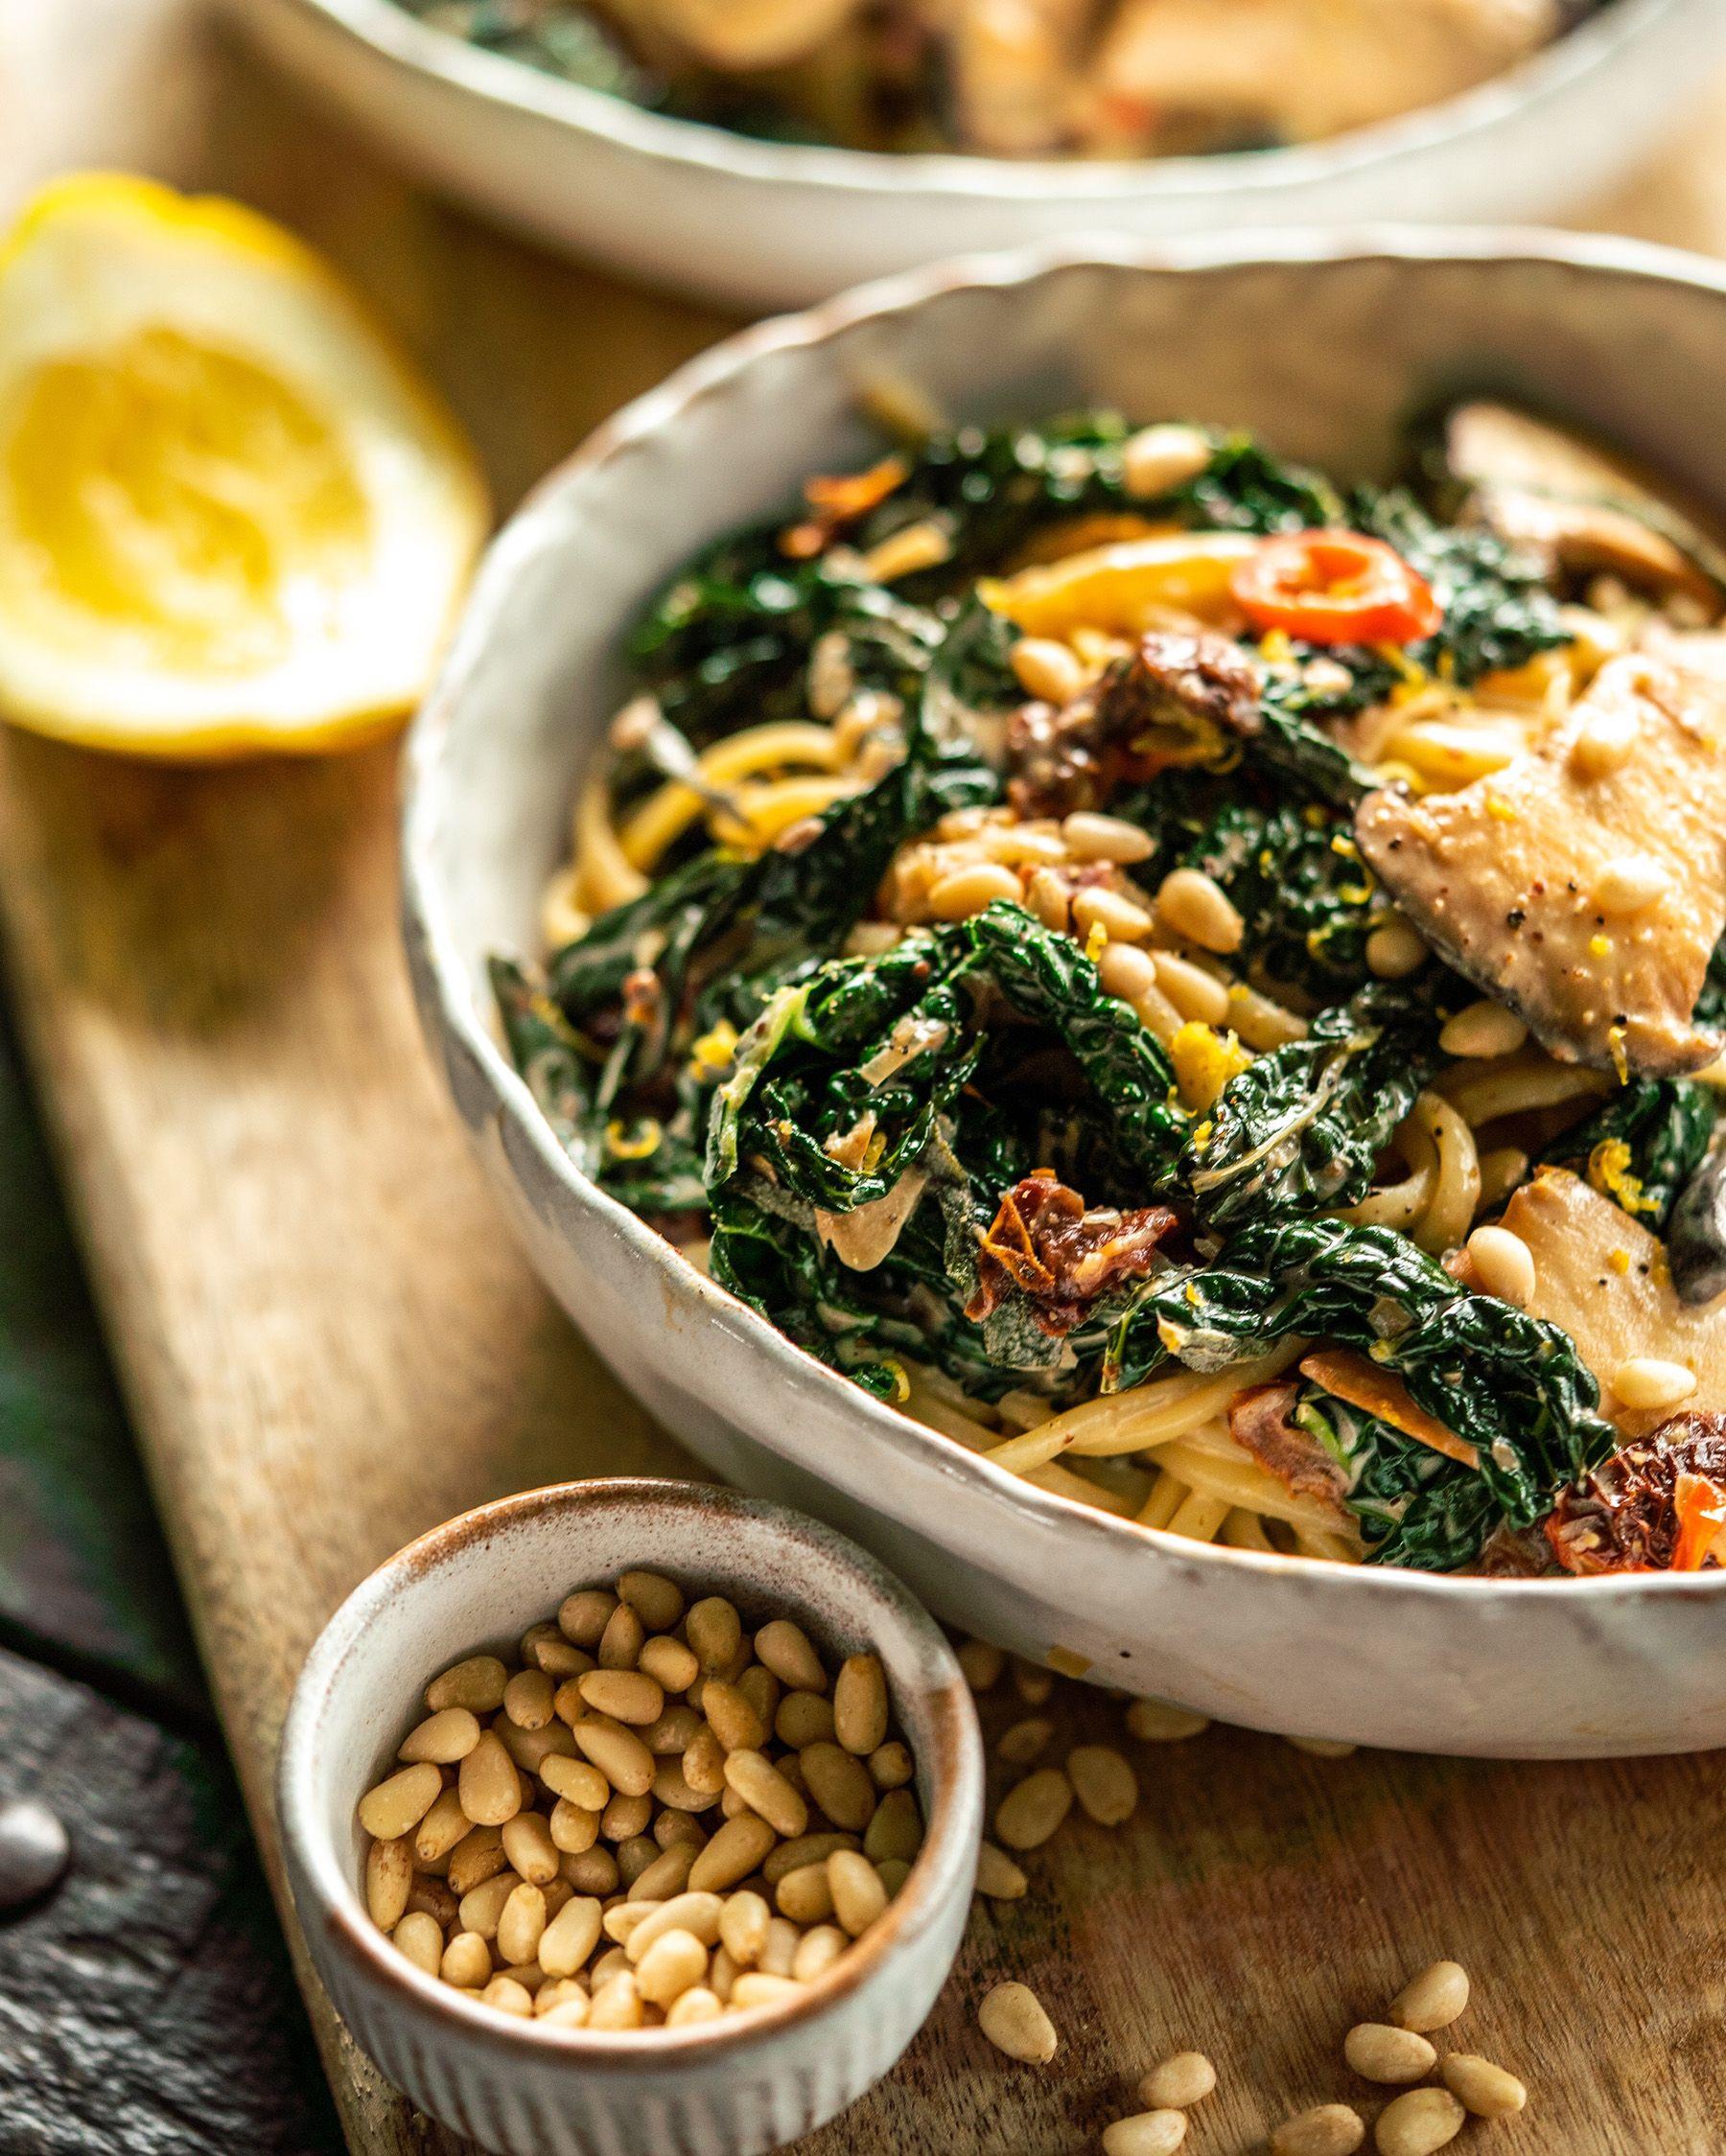 Creamy King Oyster Mushroom Pasta Avant Garde Vegan In 2020 Mushroom Pasta Stuffed Mushrooms Vegan Lunch Recipes